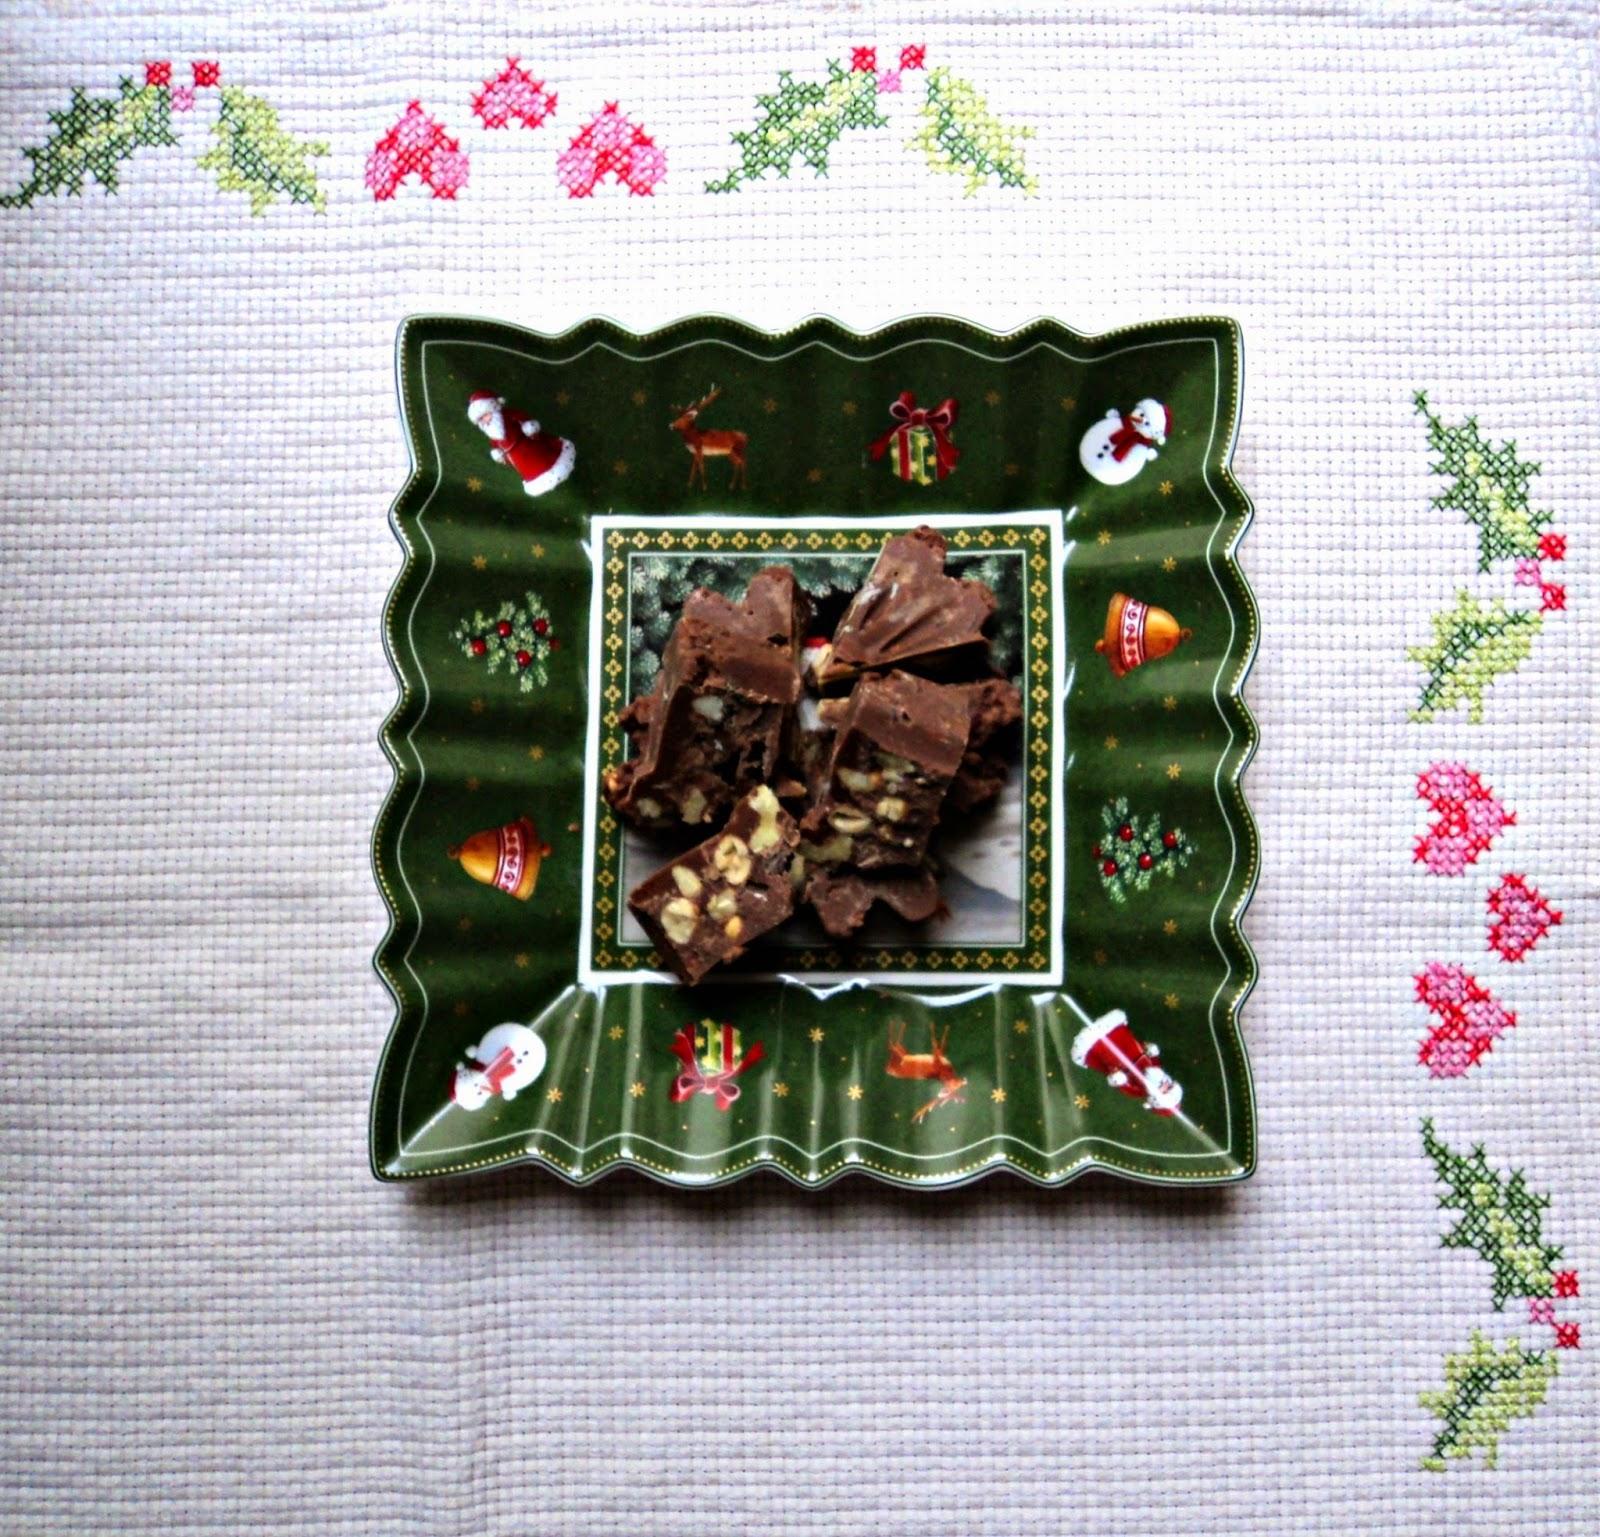 receta casera navideña de turrón de chocolate con frutos secos y licor